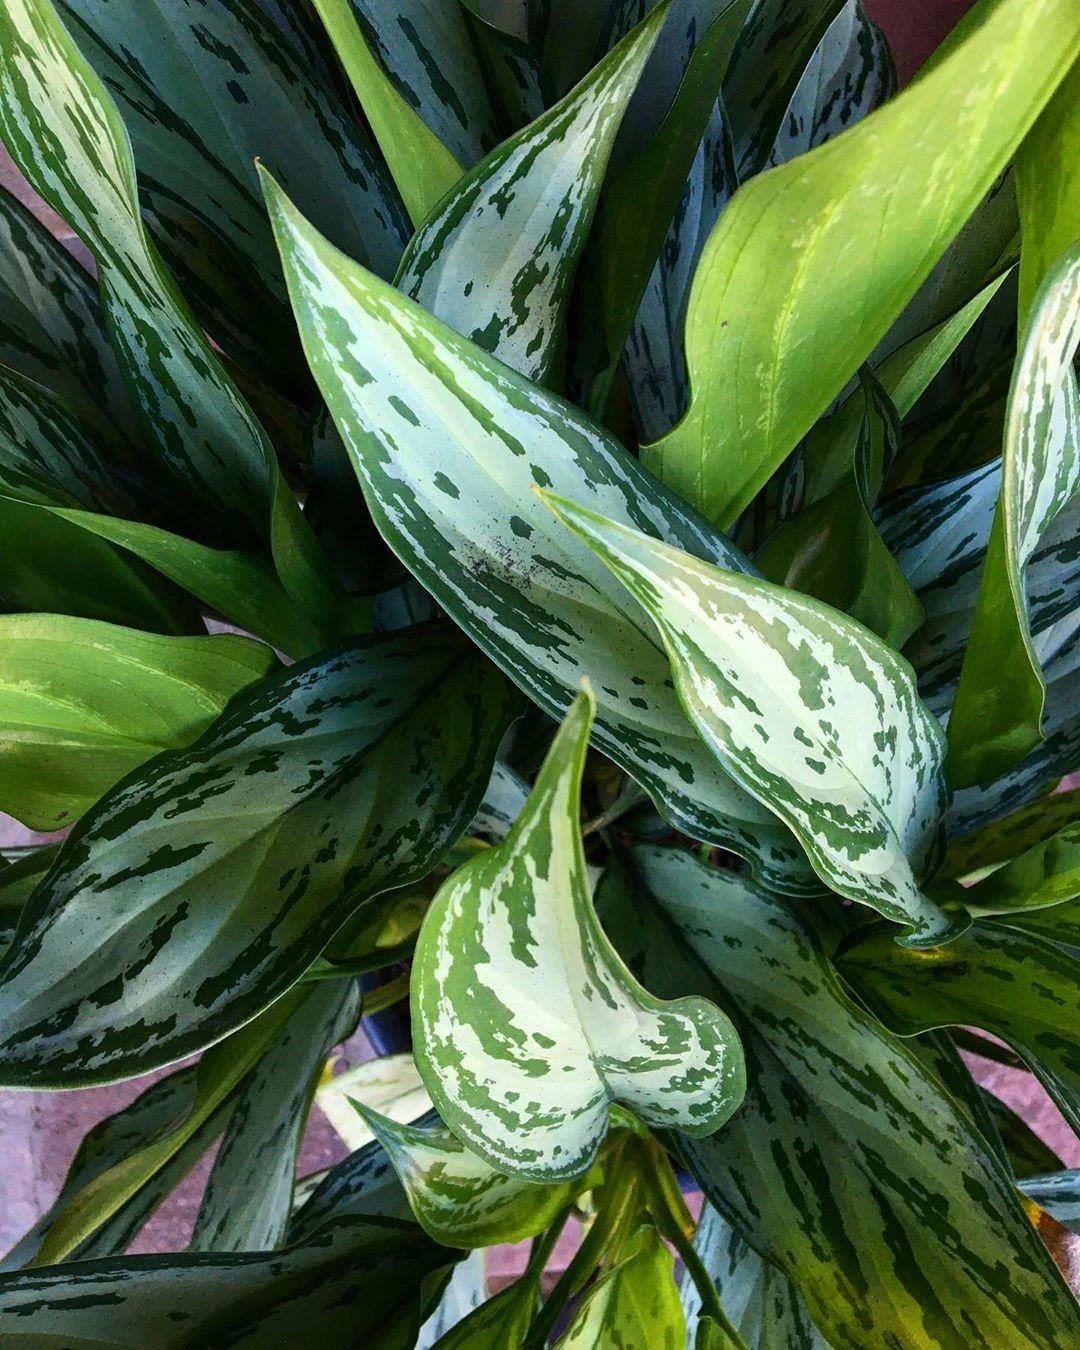 """Floricultura Celeiro da Flor 🌻 on Instagram: """"🌿AGLAONEMA SILVER KING🌿  Essa planta é PERFEITA para decoração de interiores. No entanto necessitam de boa ventilação e não suportam…"""""""